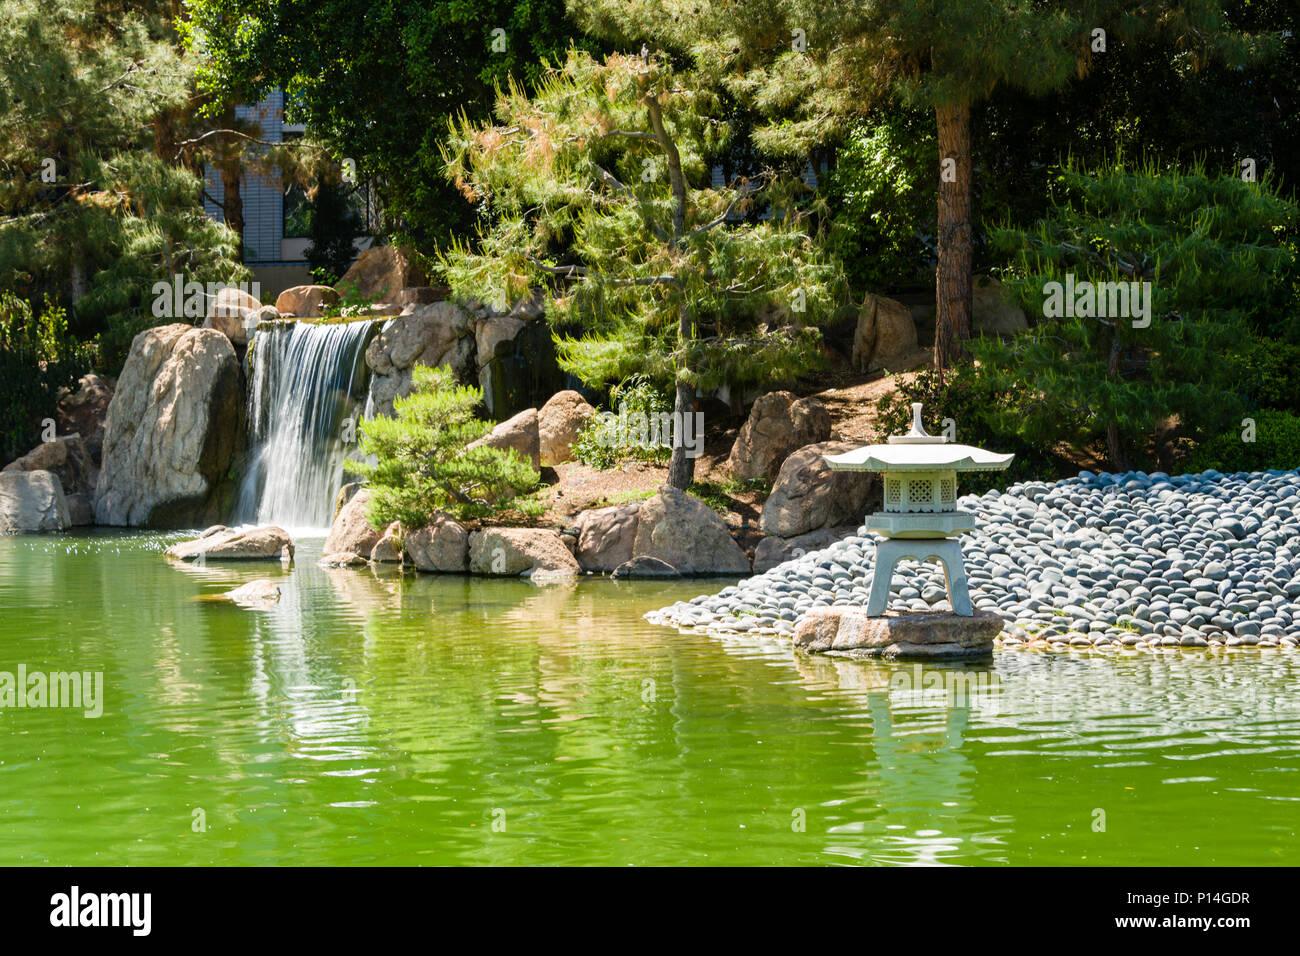 Japanese Friendship Garden Waterfall, Pond U0026 Lantern